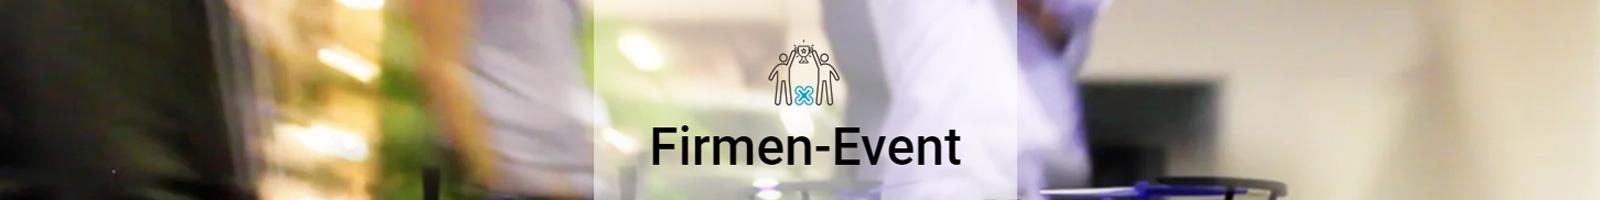 firmen-events